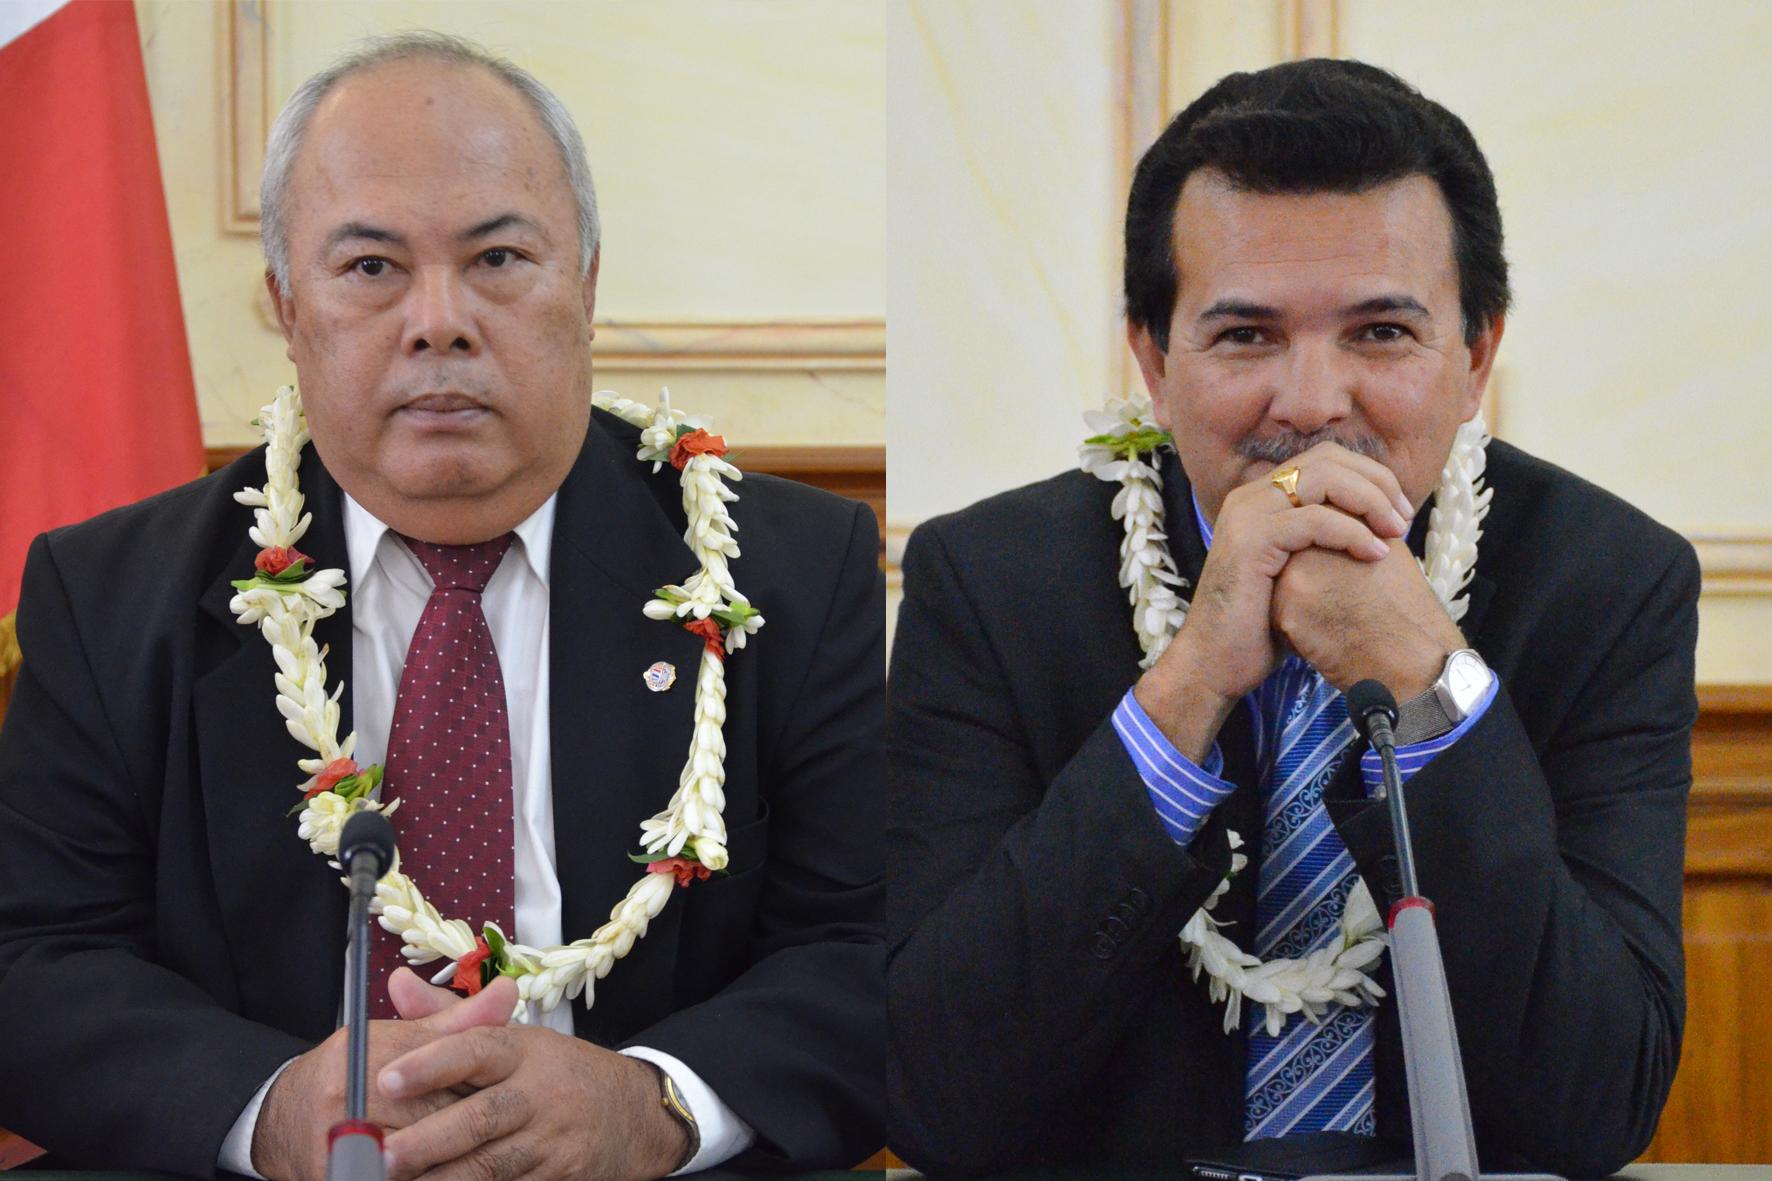 Frédéric Riveta et René Temeharo pourraient annoncer jeudi leur démission du gouvernement Fritch et leur retour sur les bancs de l'assemblée.